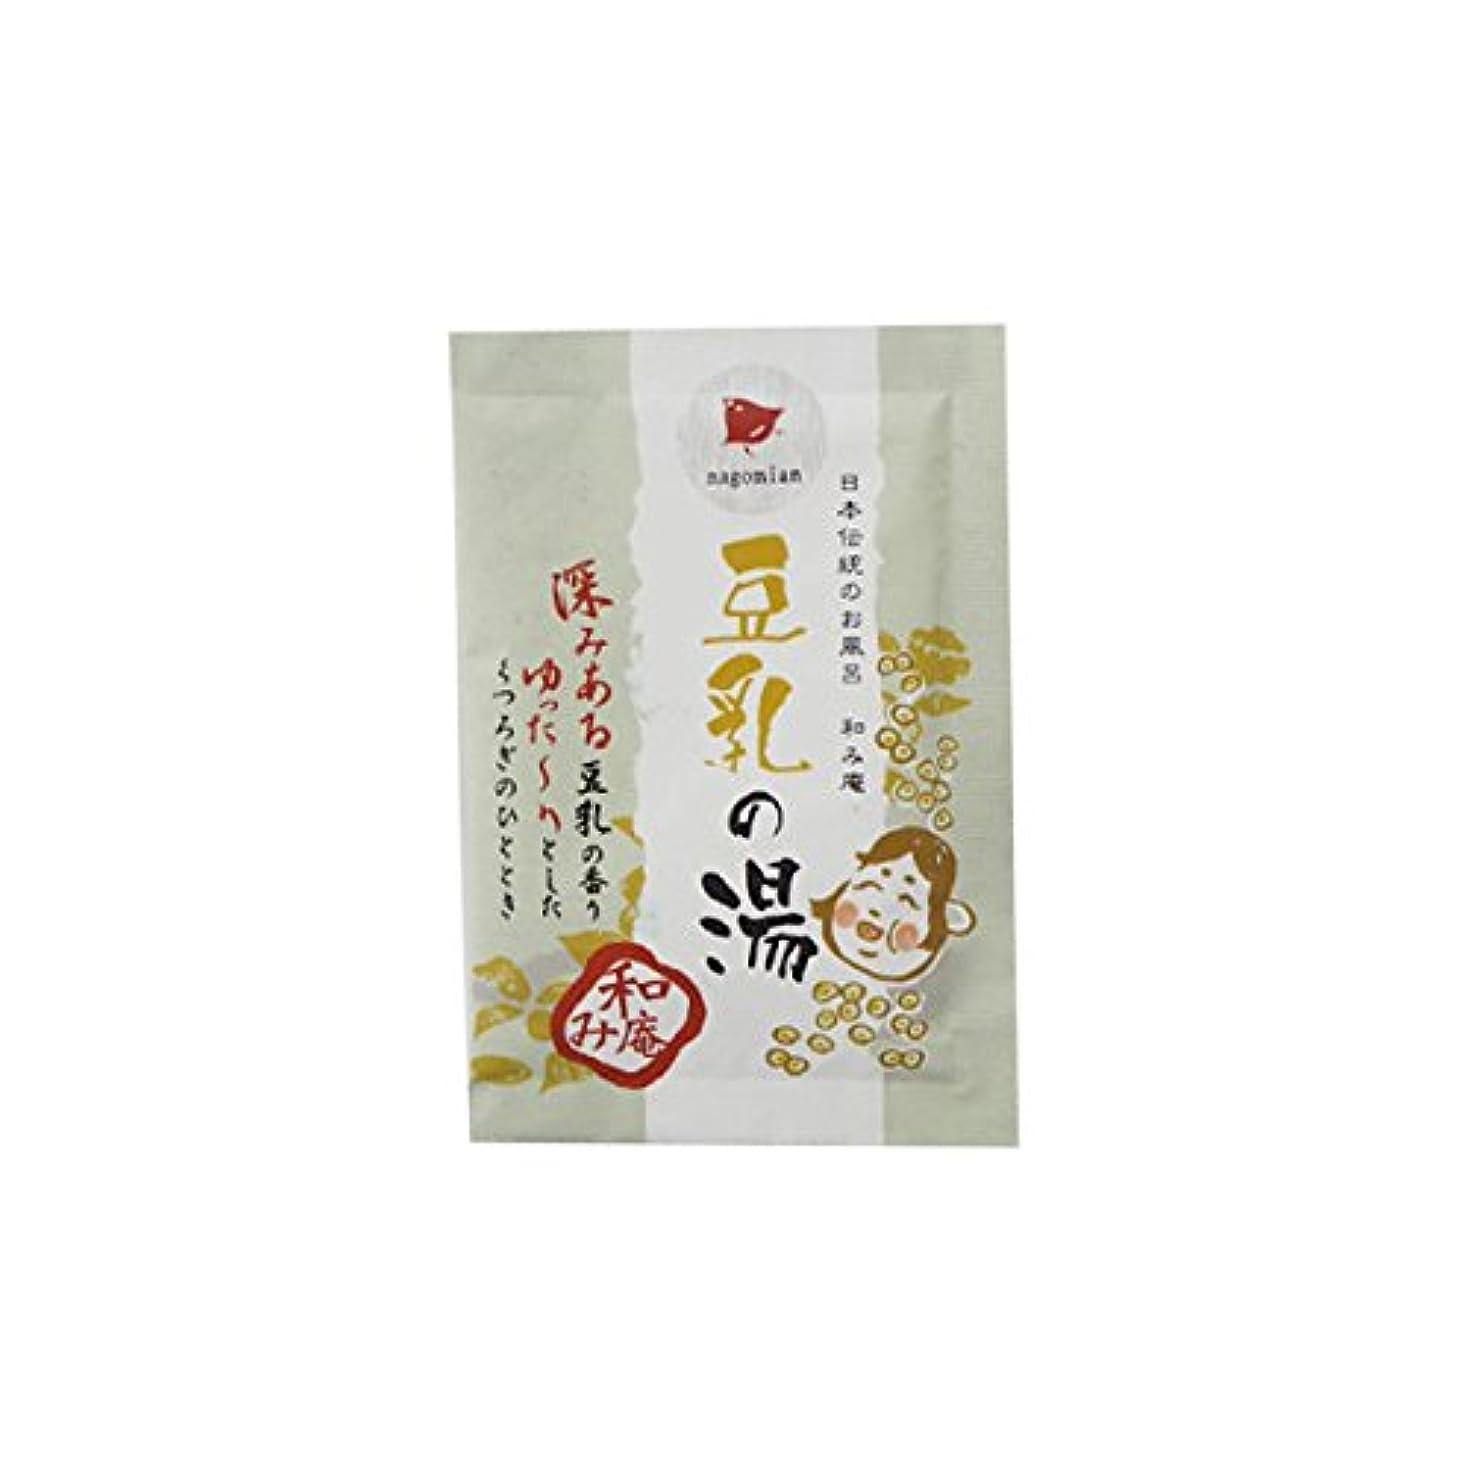 挽くチャット予報和み庵 入浴剤 「豆乳の湯」30個